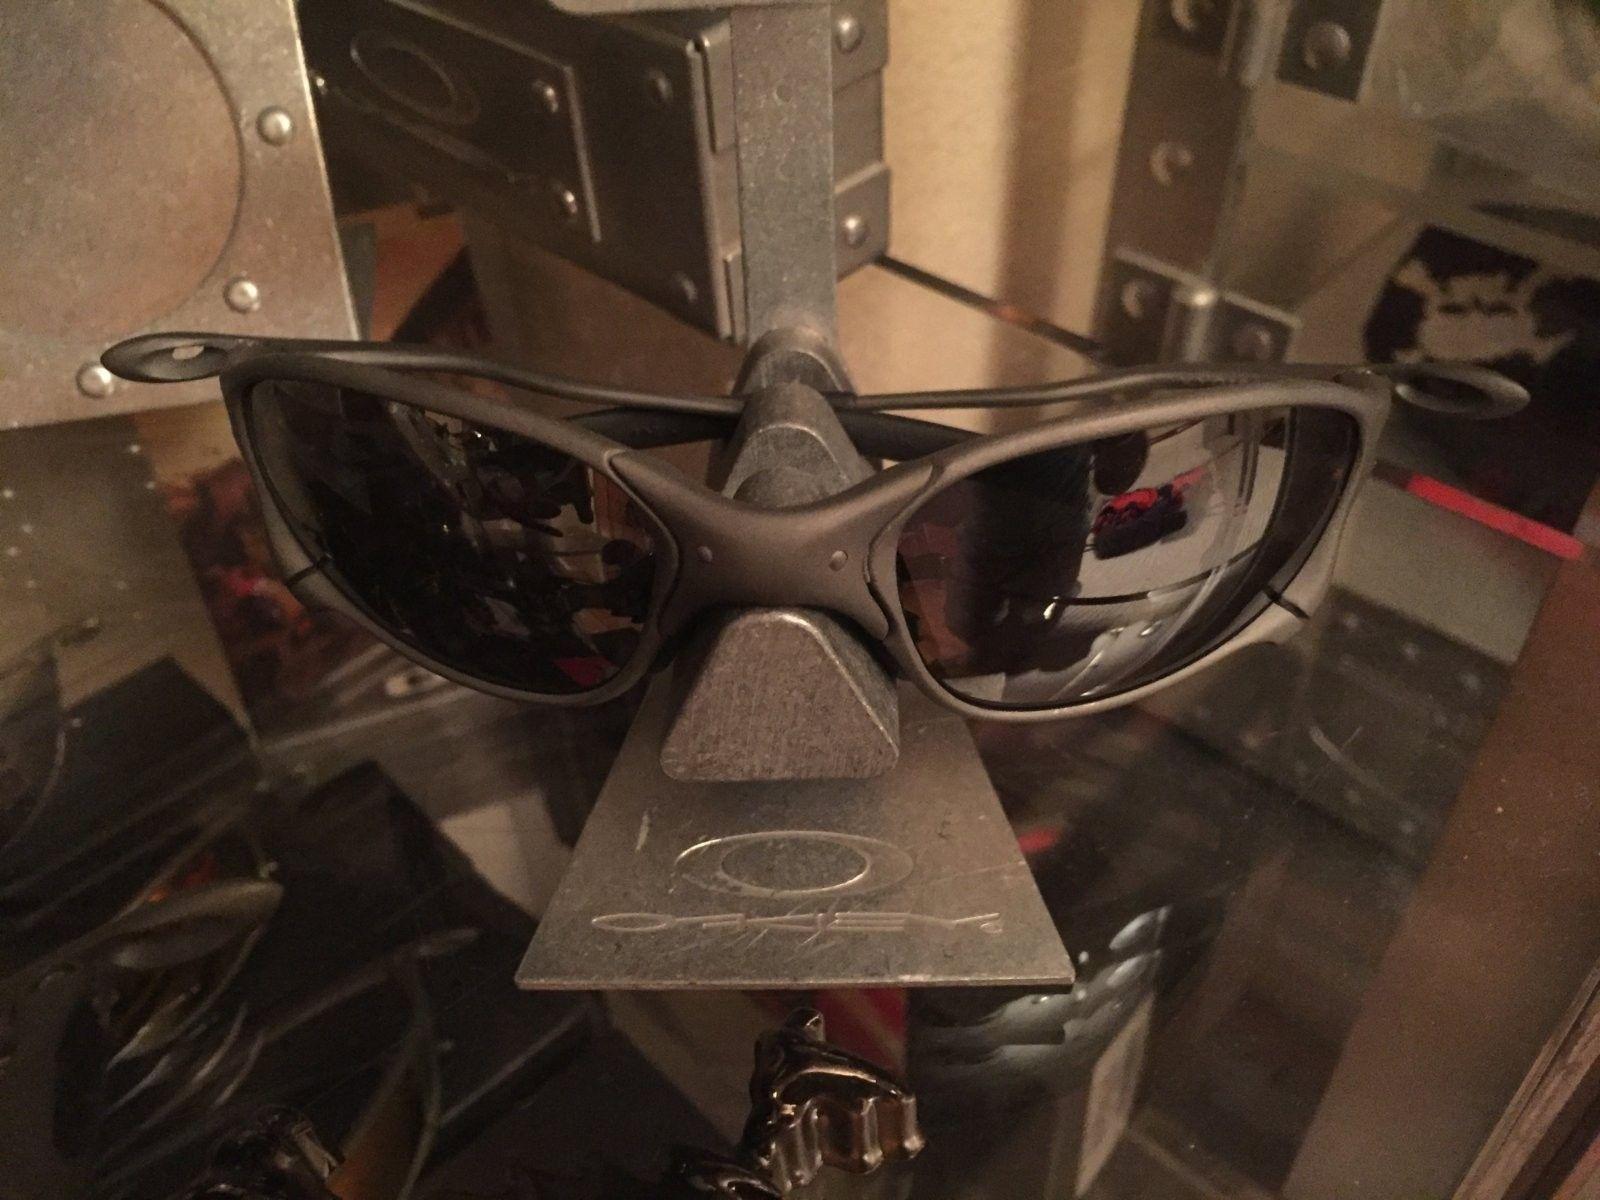 XX X-metal w/ black iridium 1st gen SKU: 04-120 #SOLD - image.jpeg